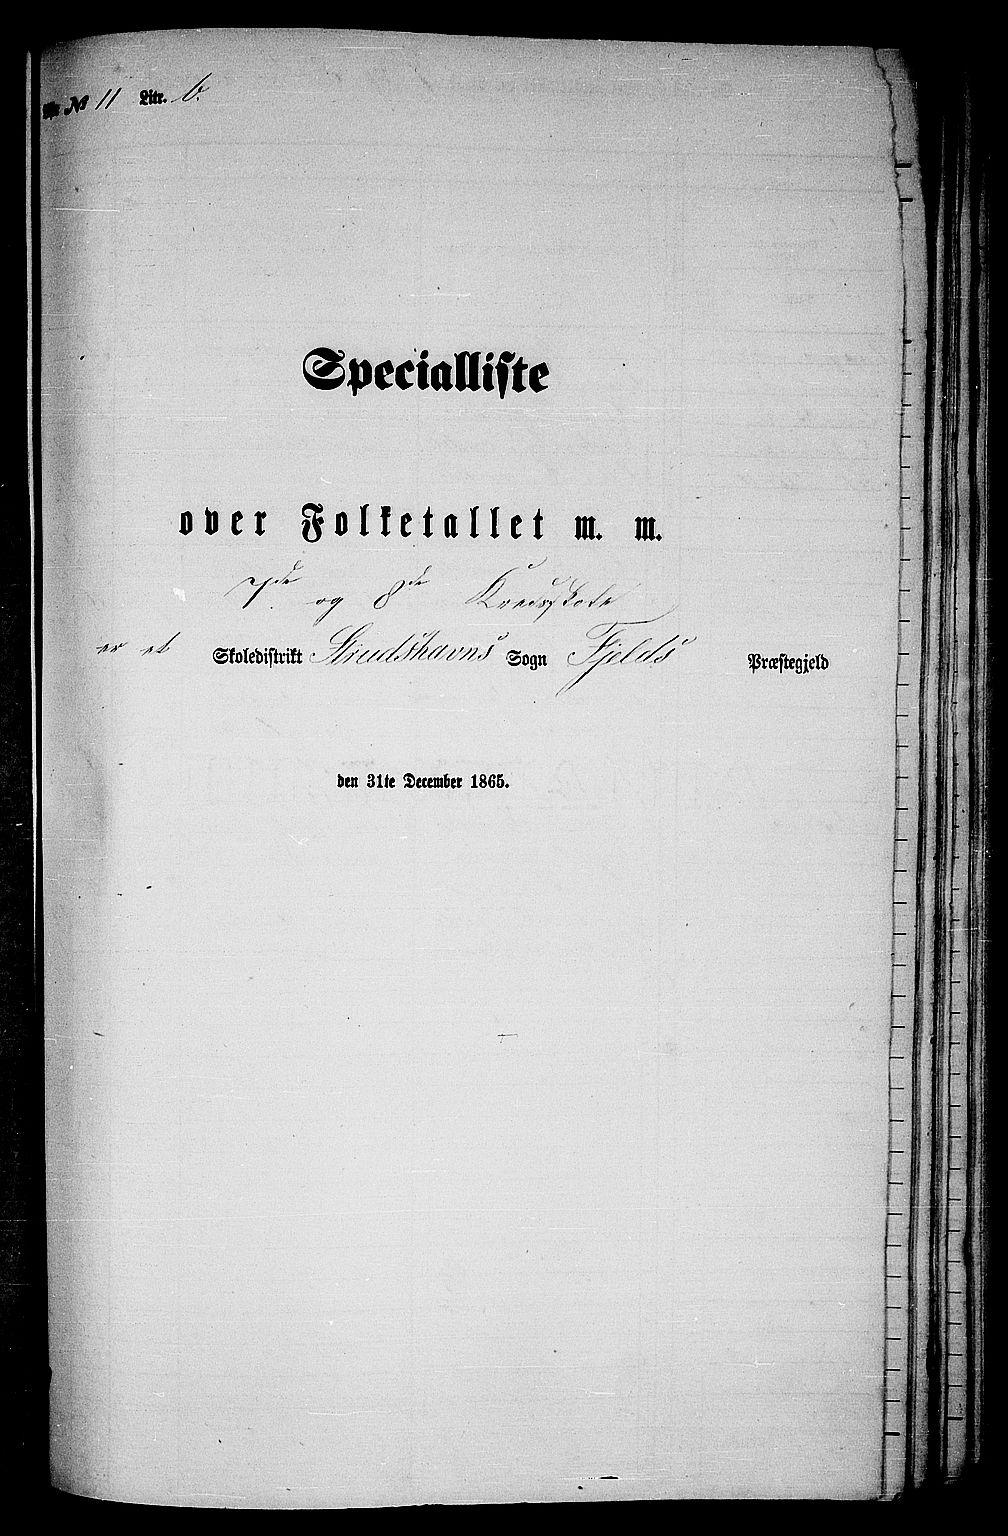 RA, Folketelling 1865 for 1246P Fjell prestegjeld, 1865, s. 184